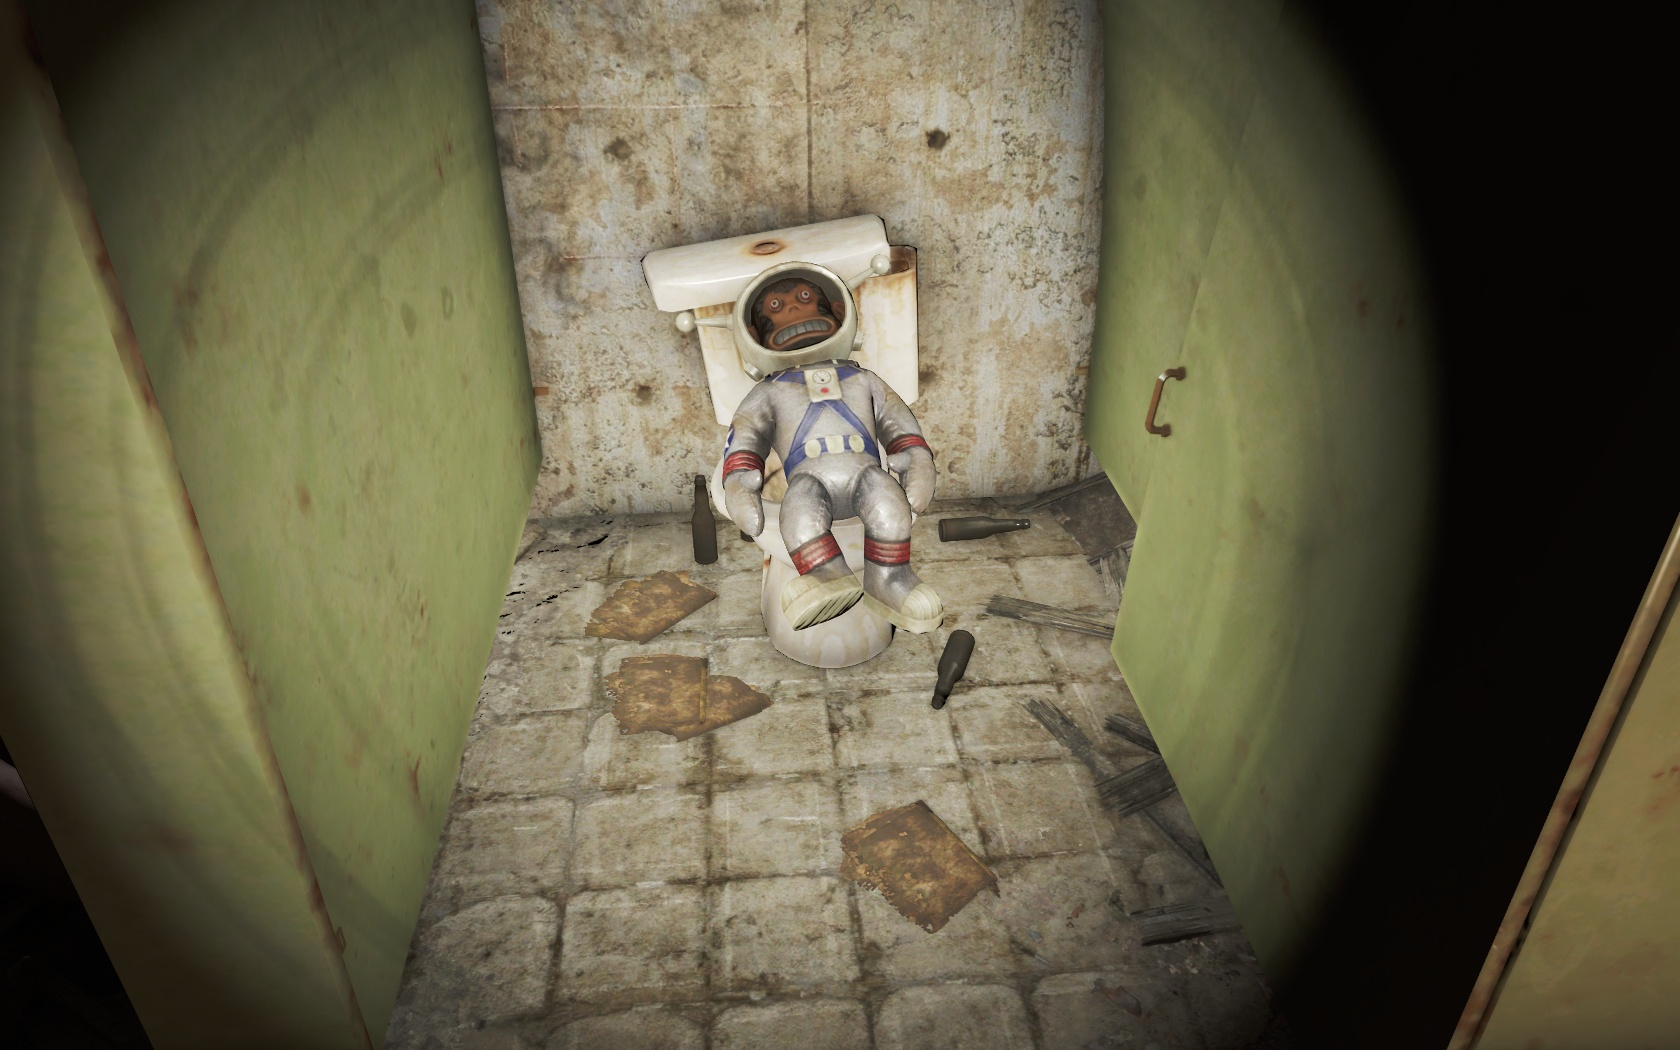 У него есть, что почитать и выпить (Хьюбрис Комикс) - Fallout 4 Комикс, Лунная, мартышка, Хьюбрис, Хьюбрис Комикс